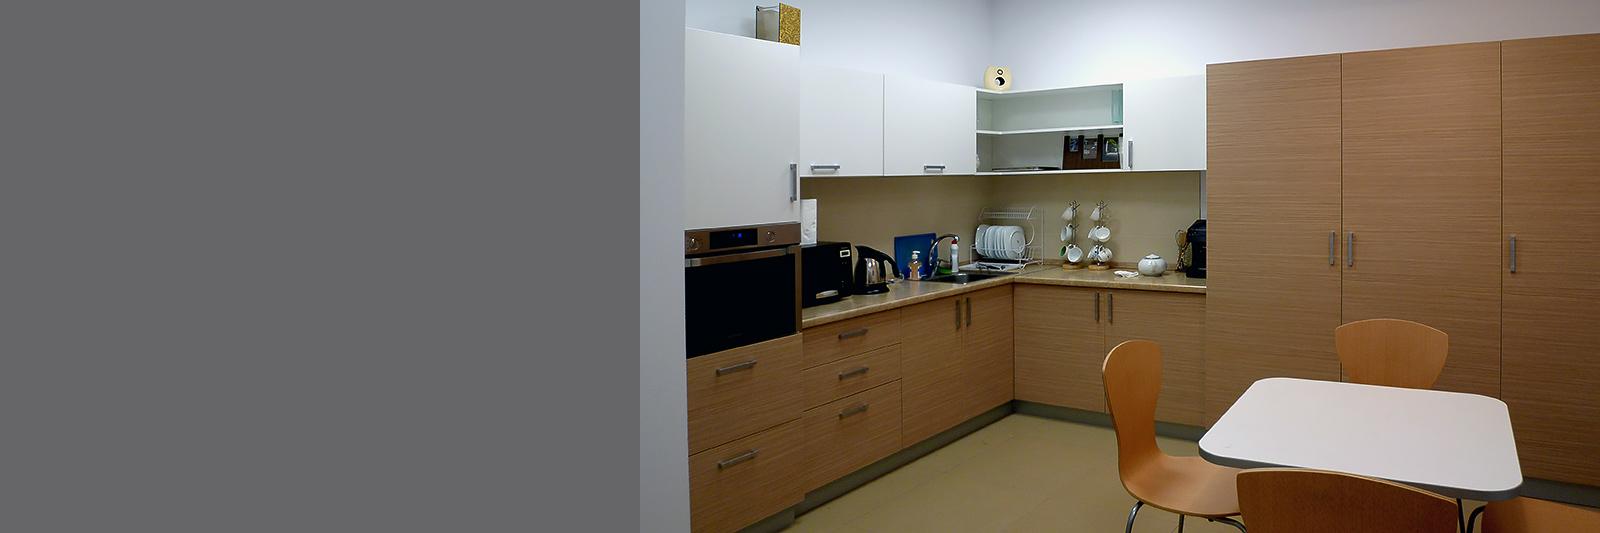 Мебель для офисной кухни на заказ